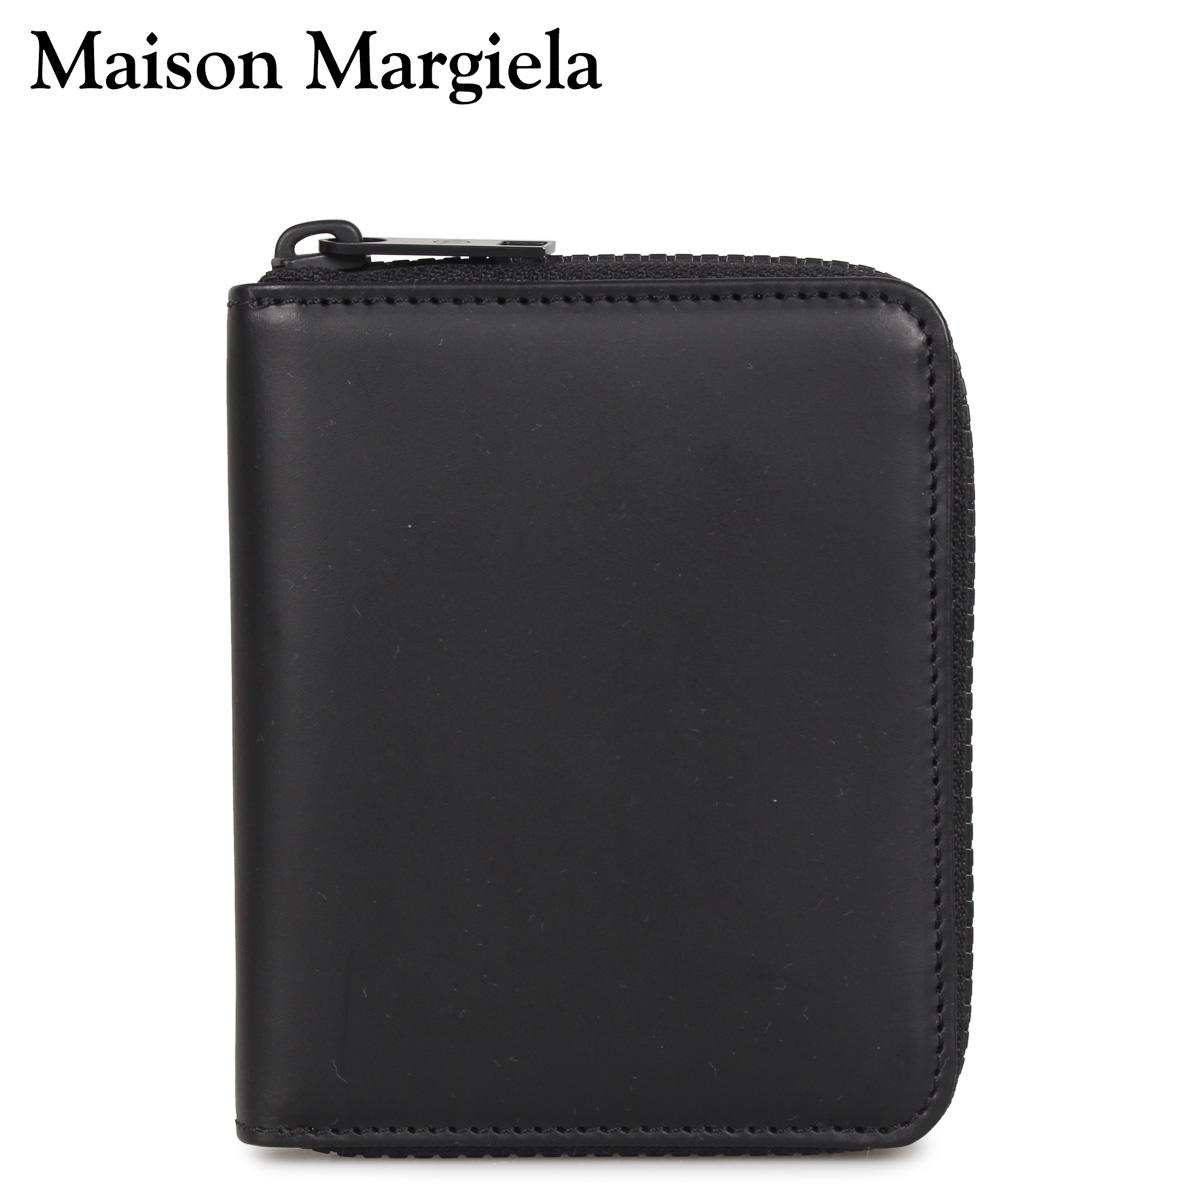 MAISON MARGIELA メゾンマルジェラ 財布 二つ折り メンズ レディース WALLET ブラック 黒 S55UI0197-T8013 [3/4 新入荷]